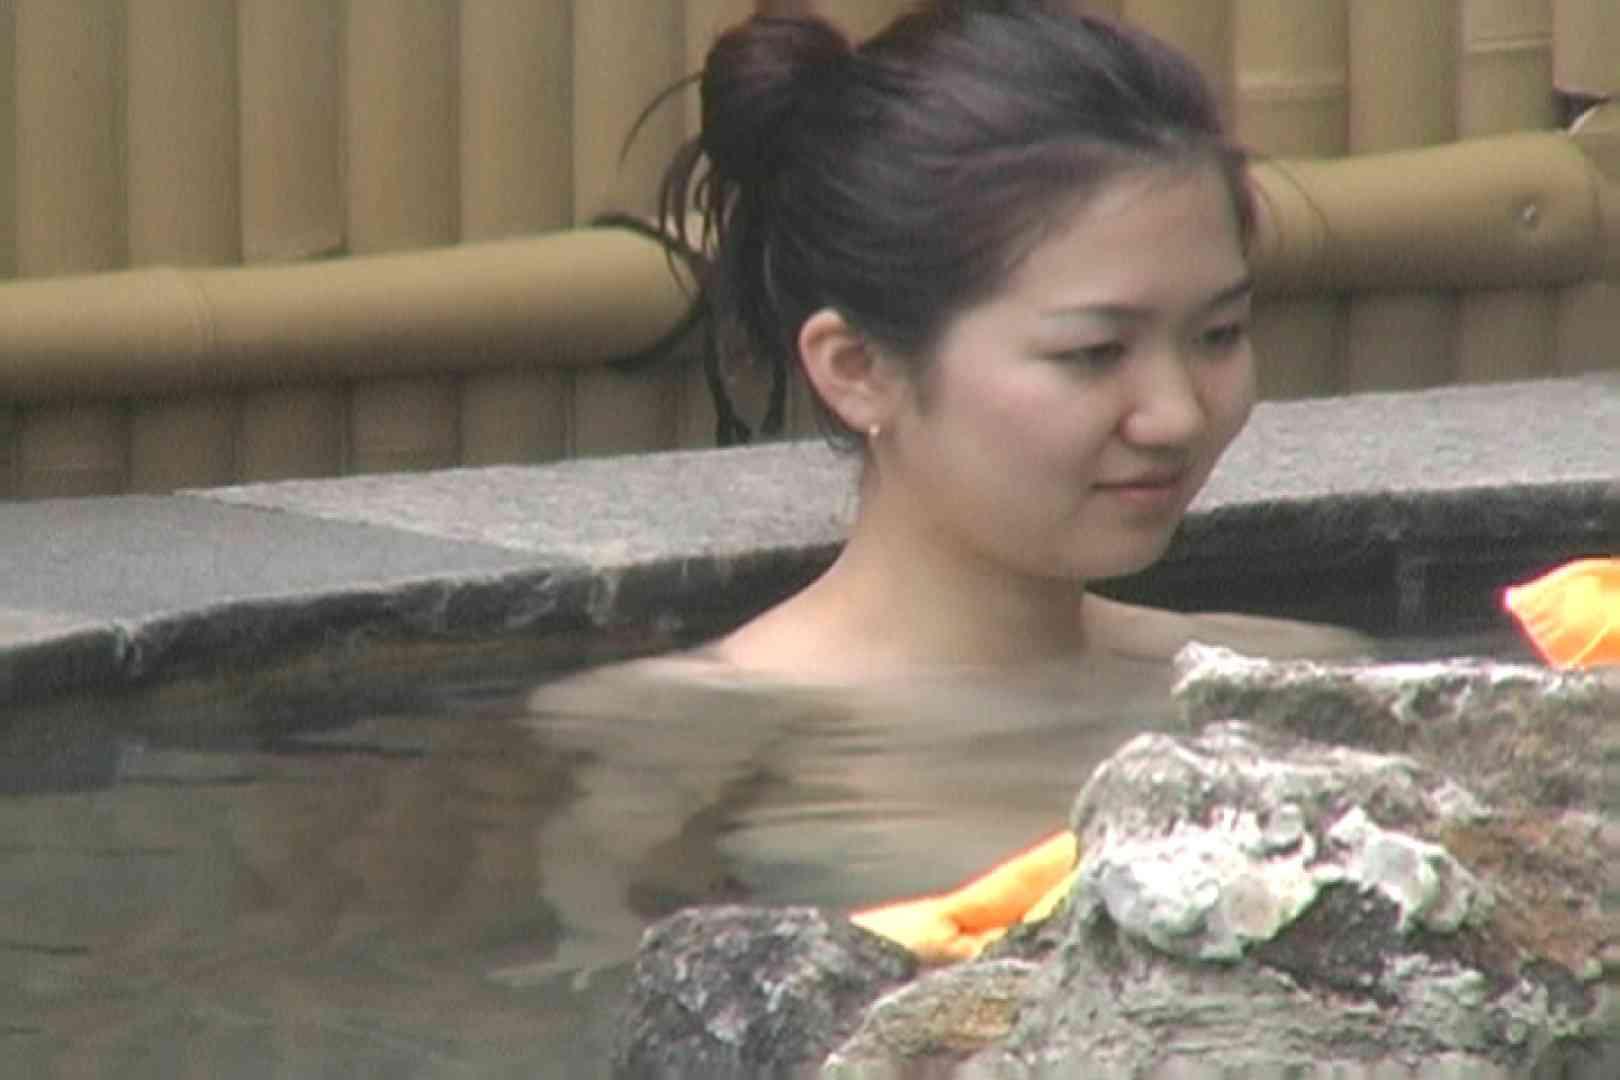 Aquaな露天風呂Vol.641 露天風呂 | 盗撮  32連発 1